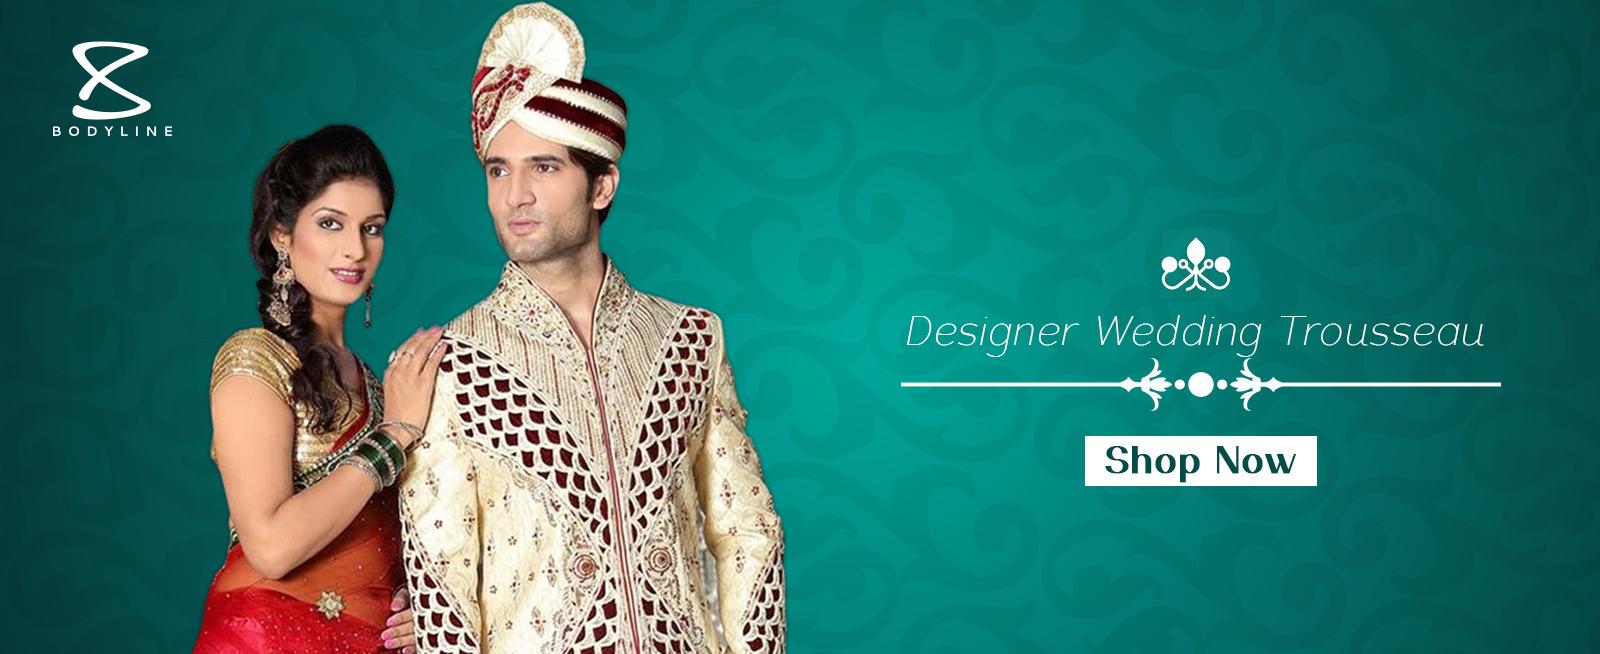 Buy Sherwani | Sherwani Online | Mens Sherwani | Sherwani Shopping